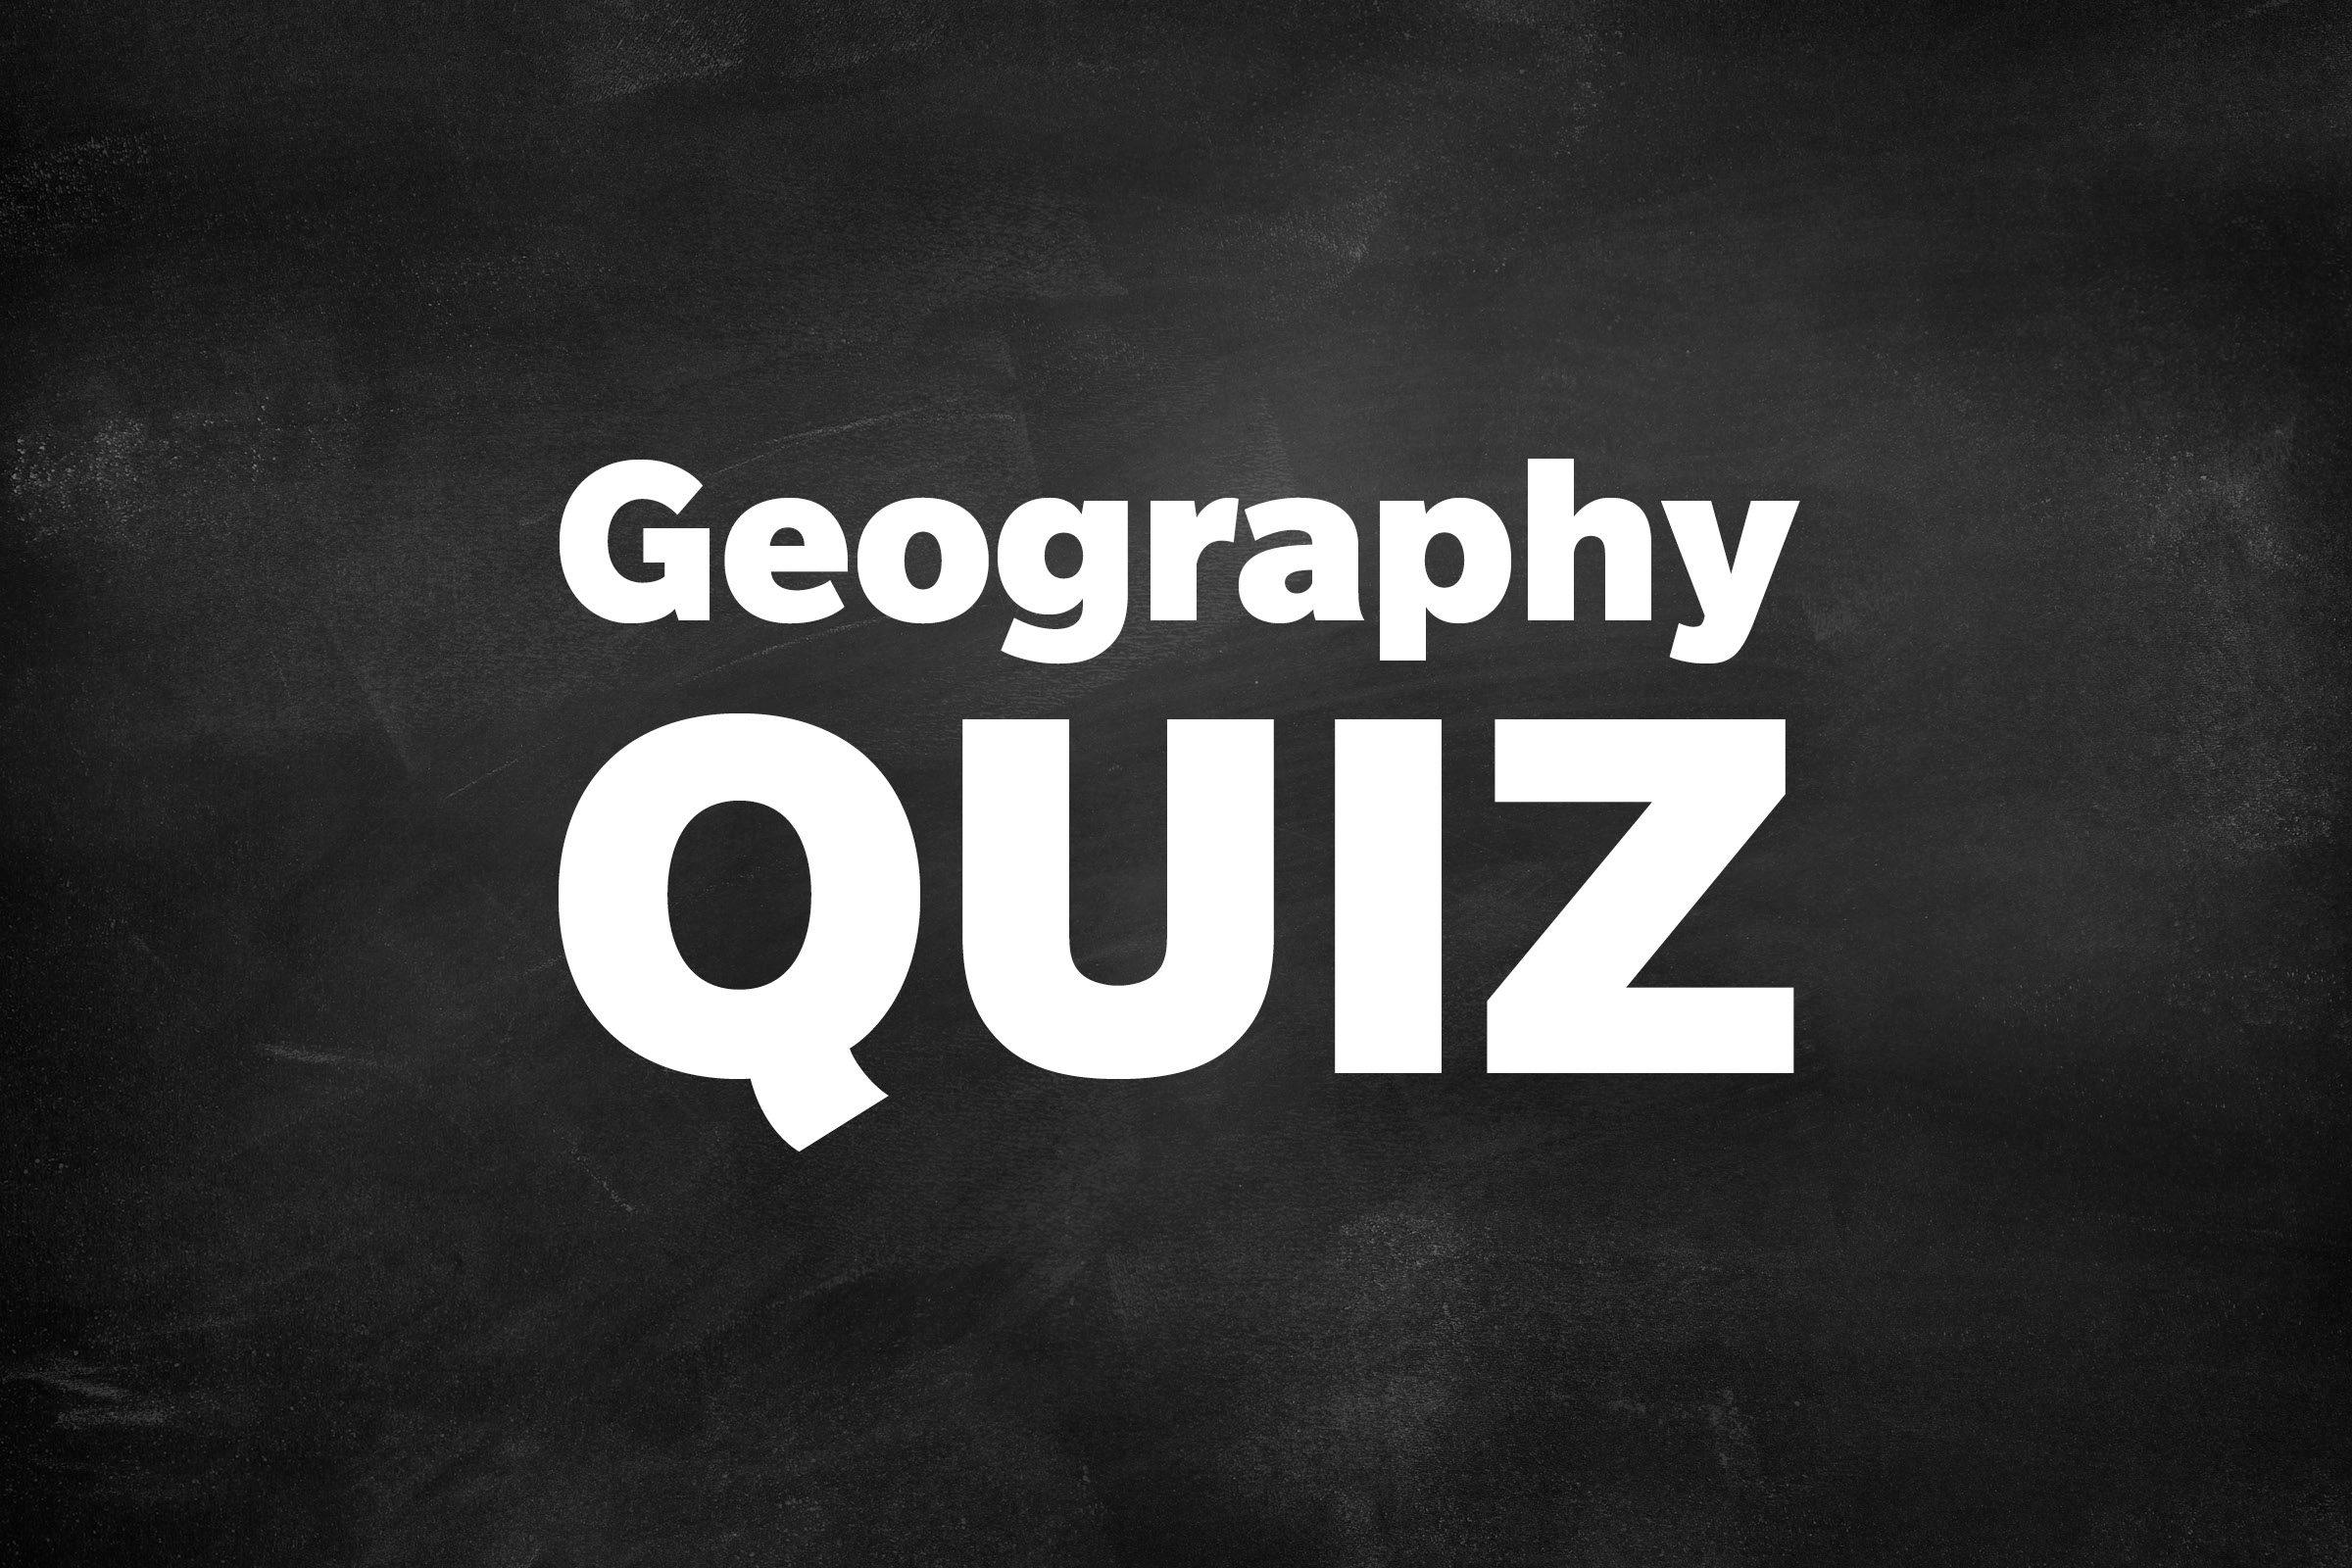 Geography Quiz written on blackboard